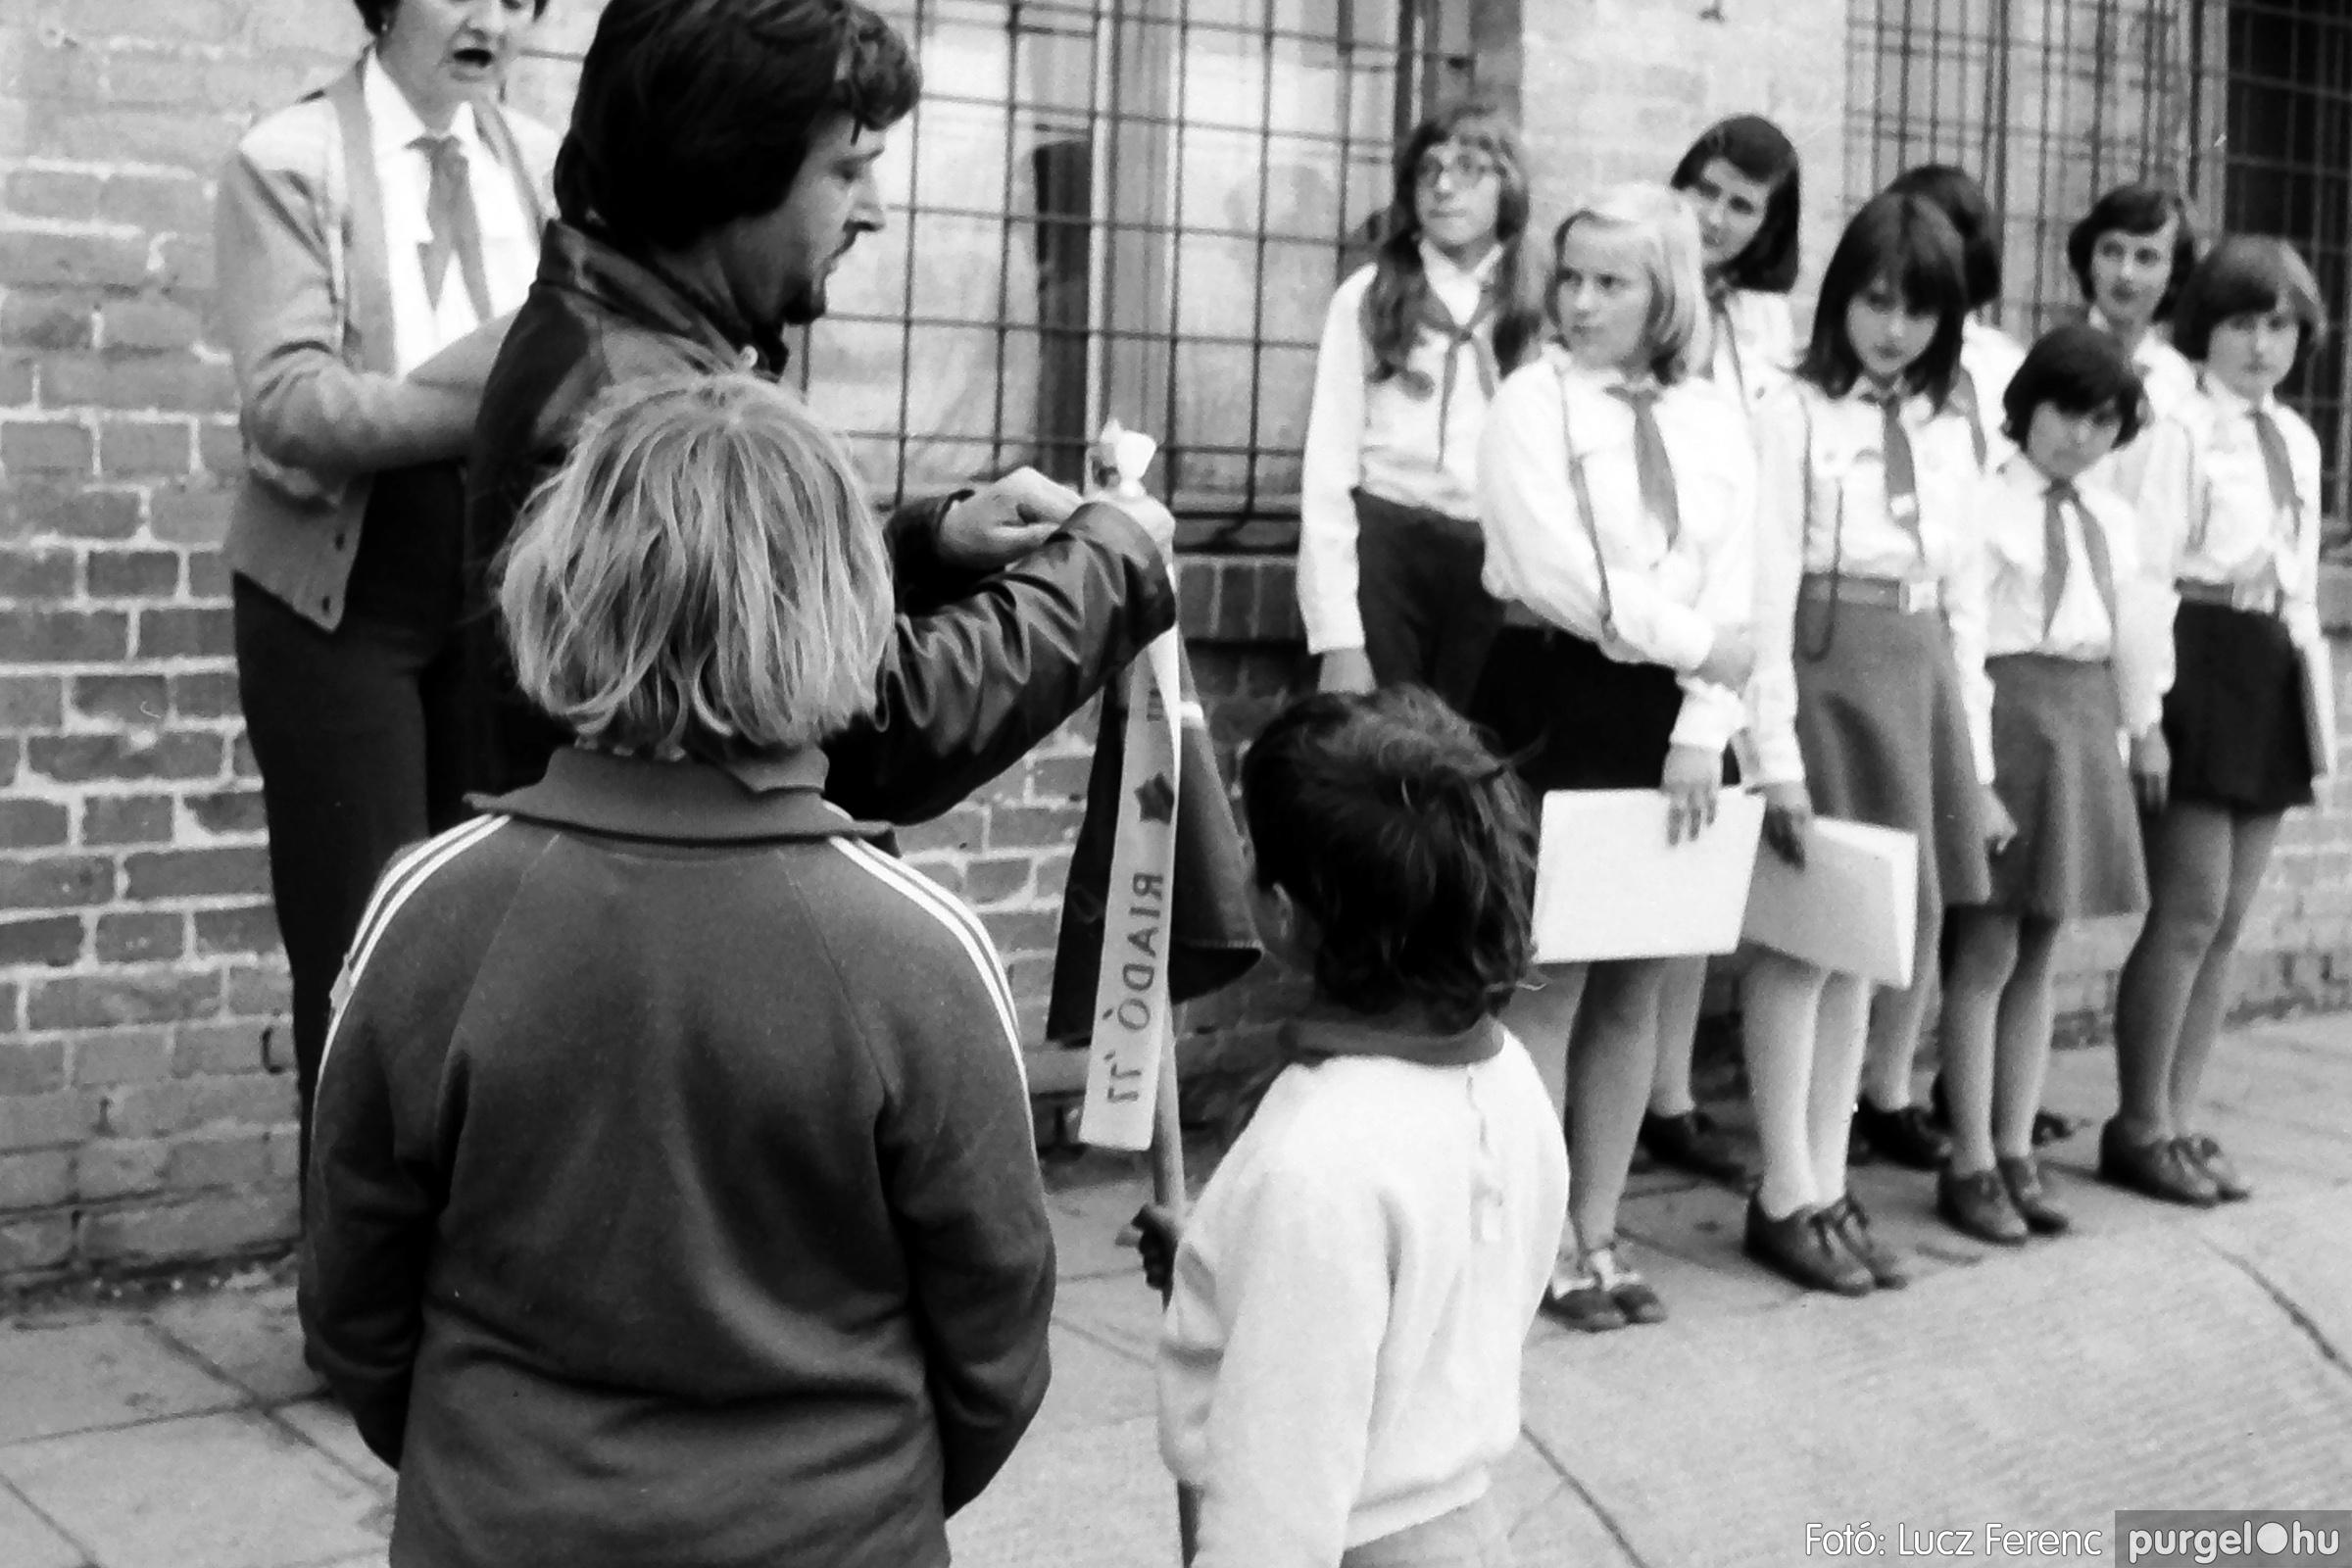 092. 1977. Úttörő rendezvény a Központi Általános Iskolában 028. - Fotó: Lucz Ferenc.jpg